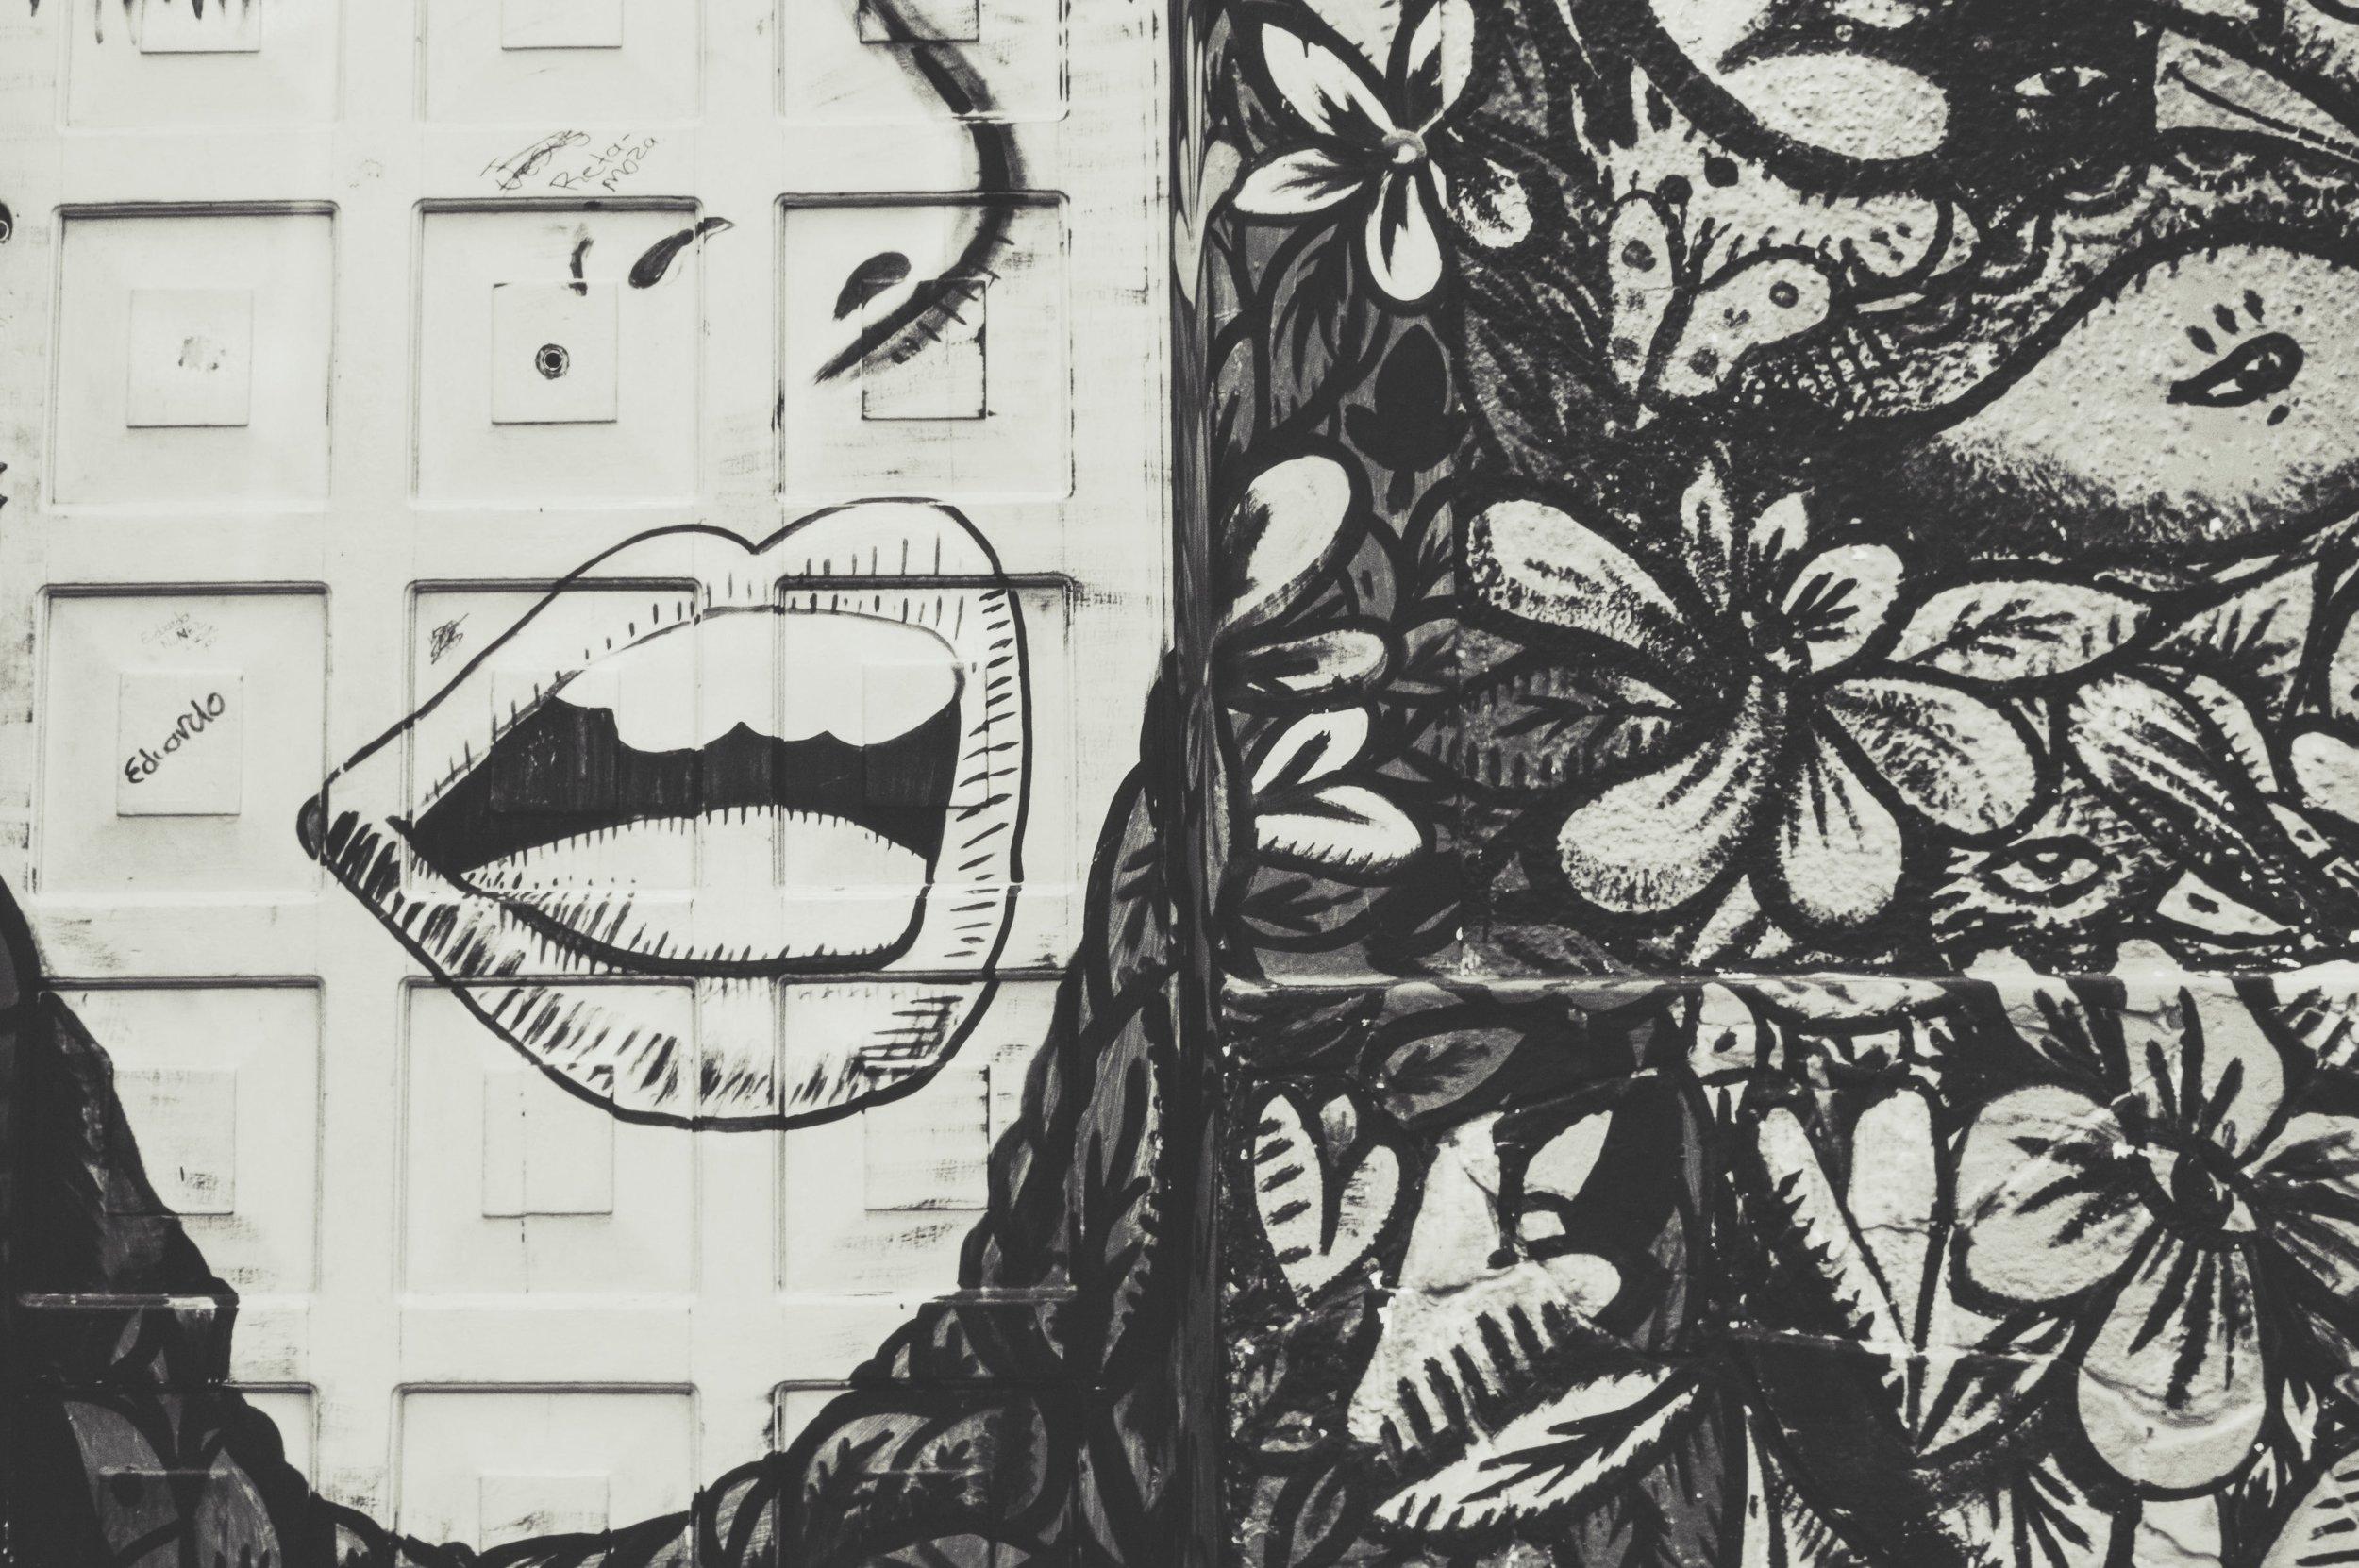 art-artistic-black-and-white-959314.jpg